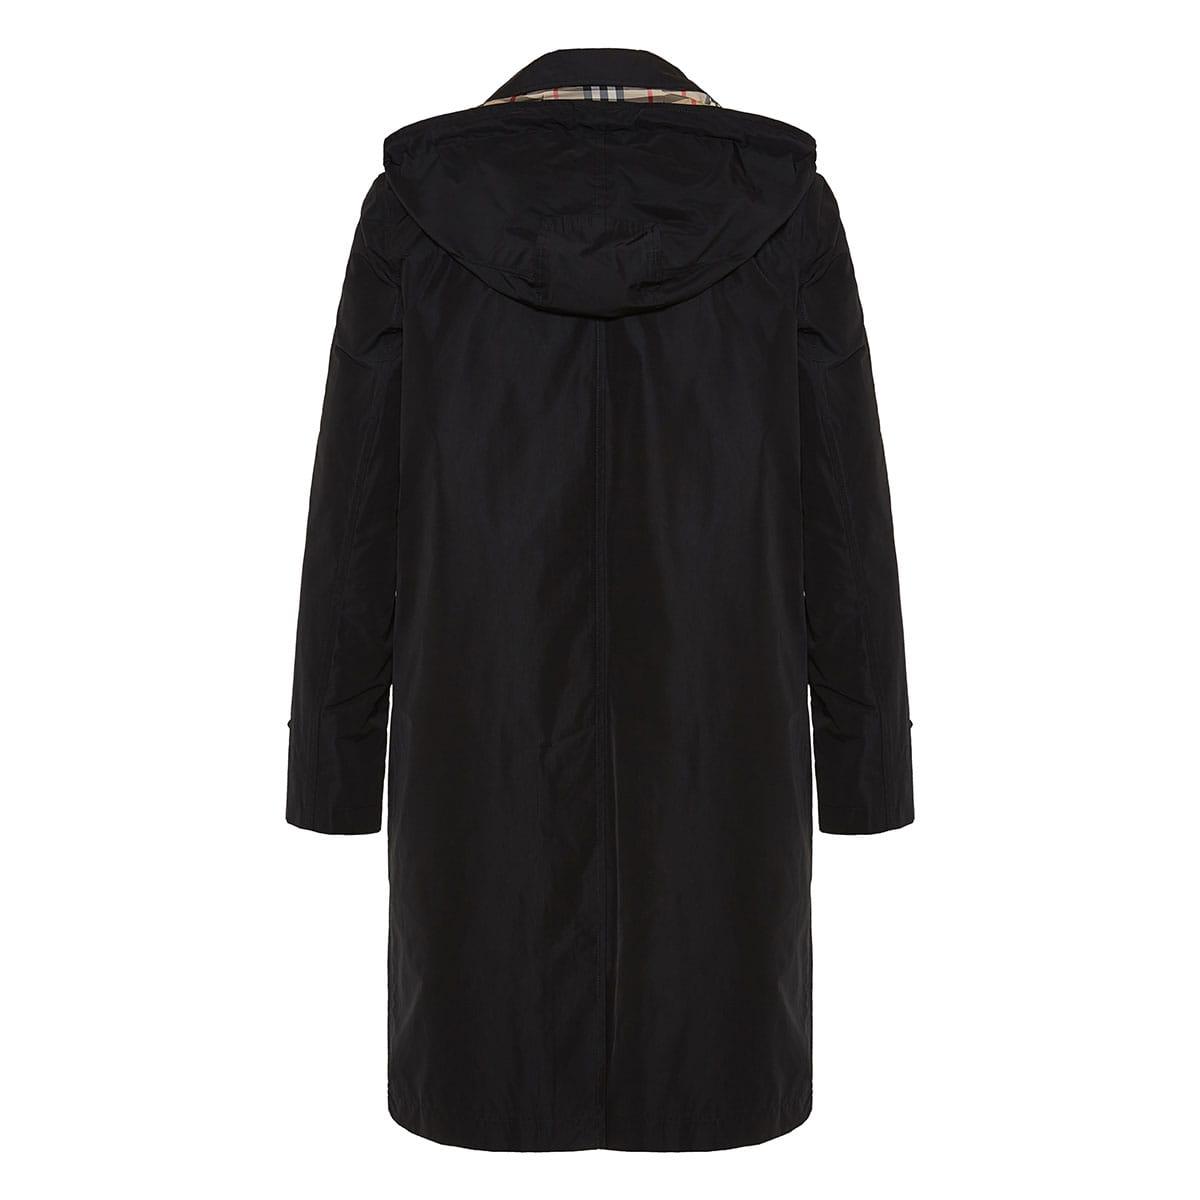 Taffeta car coat